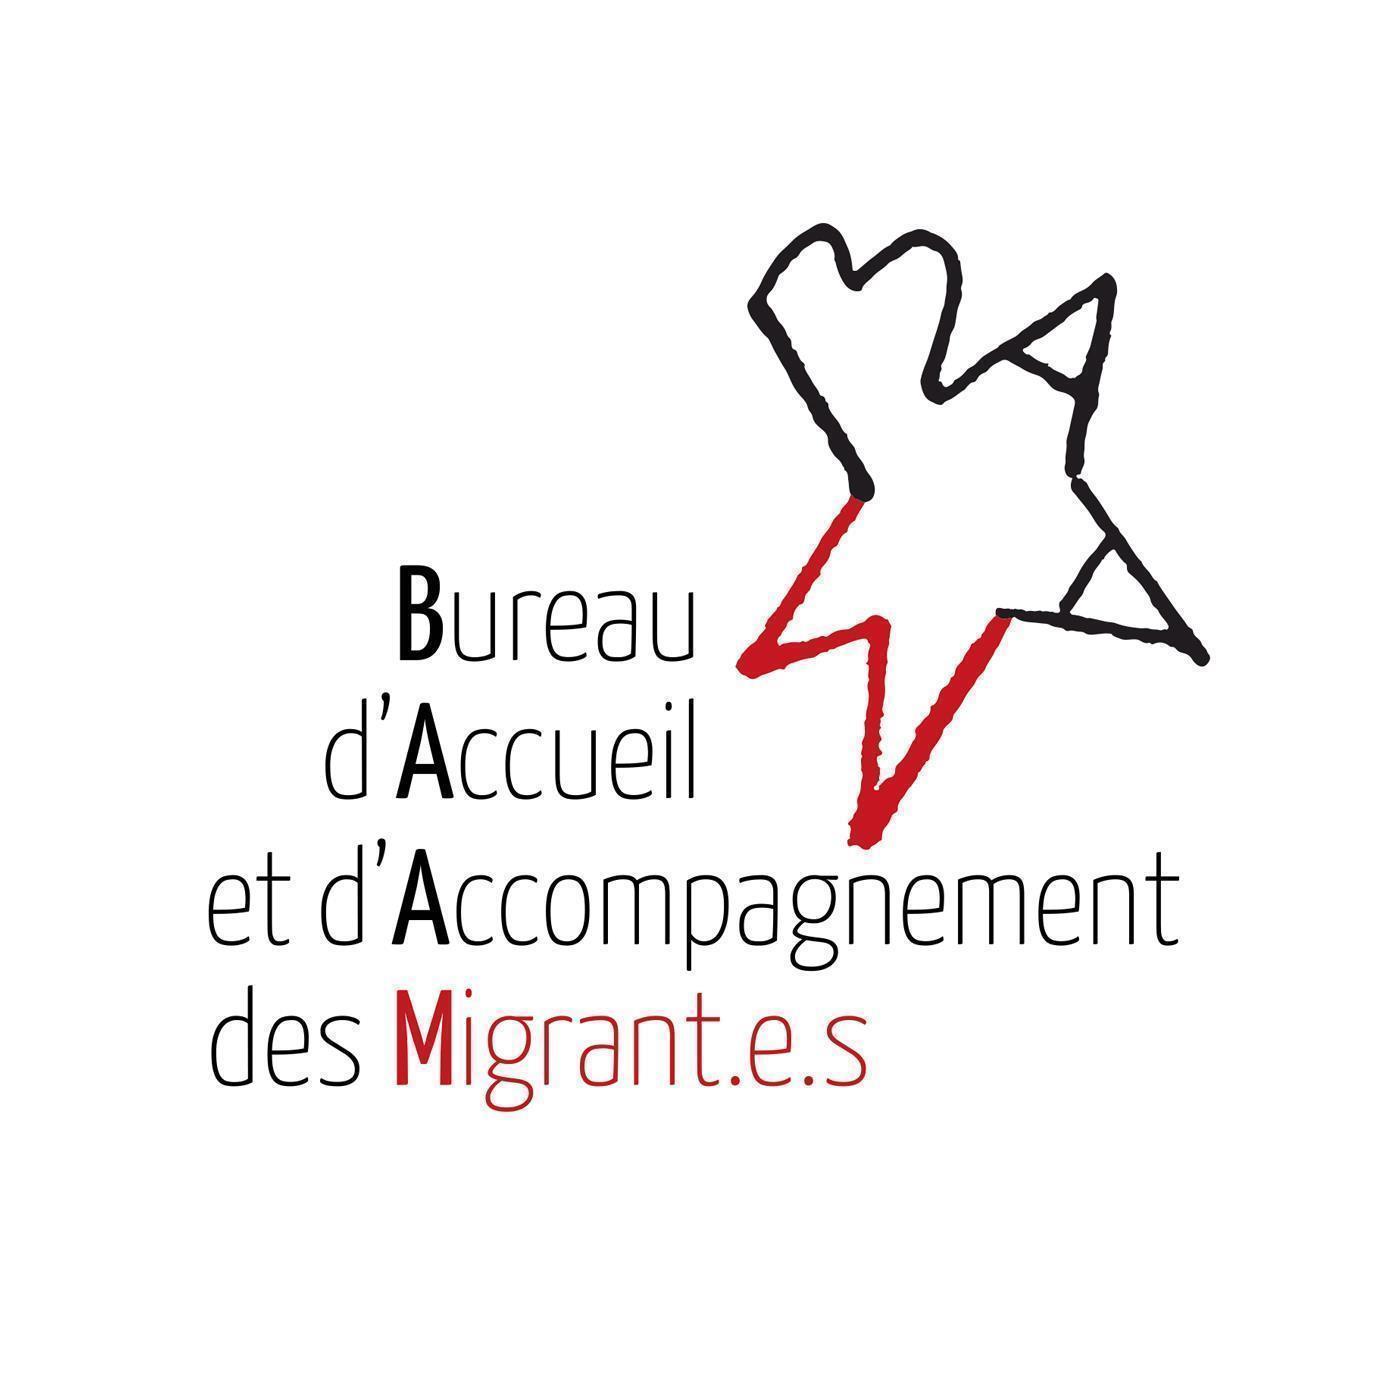 Bureau dAccueil et dAccompagnement des Migrants BAAM HelloAsso